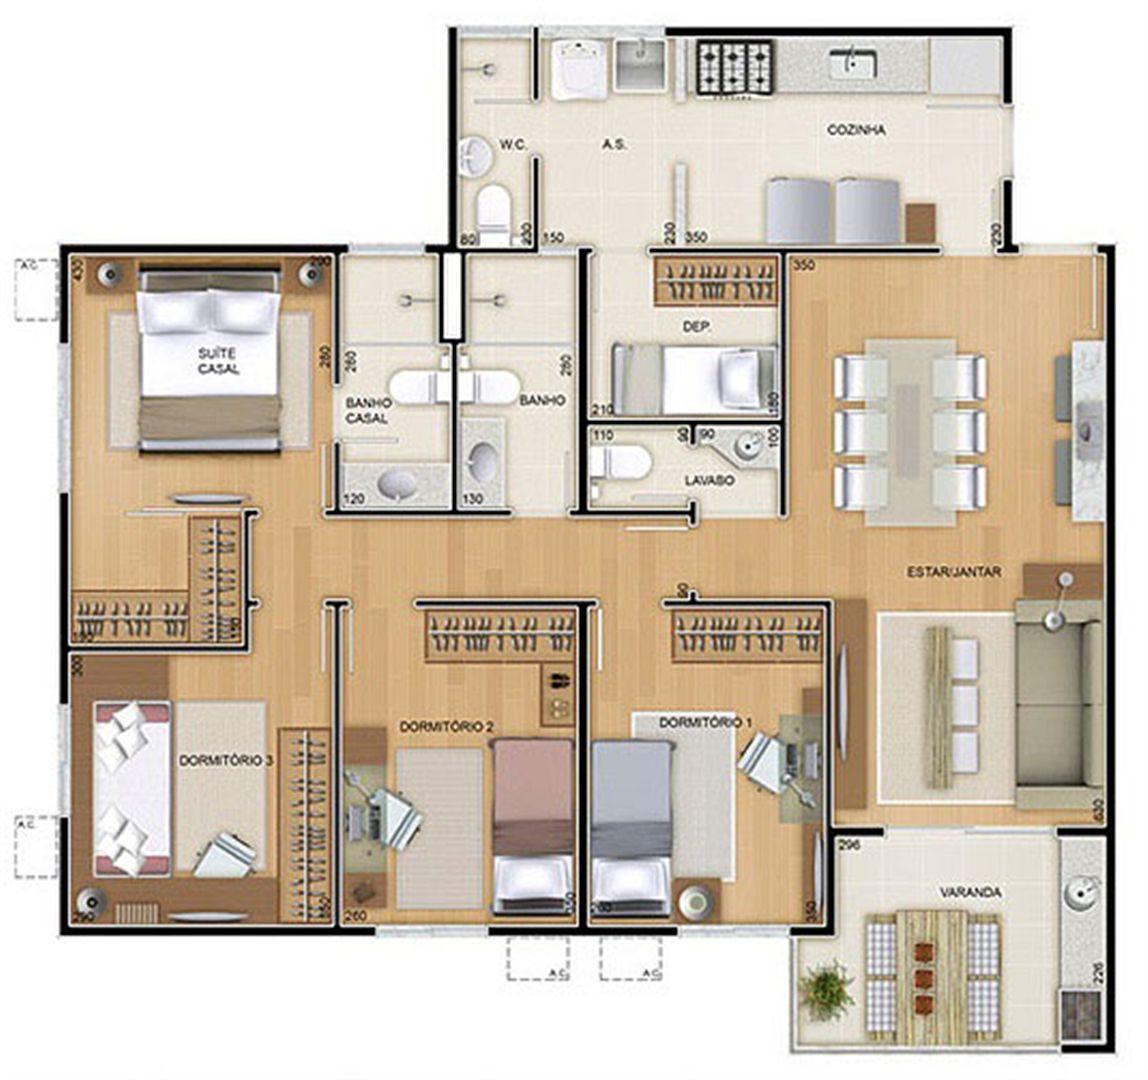 Torres 1 e 4 - 4 Quartos - 109 m² - Planta tipo   Reserva Verde Residencial Park – Apartamento em  Laranjeiras - Serra - Espírito Santo